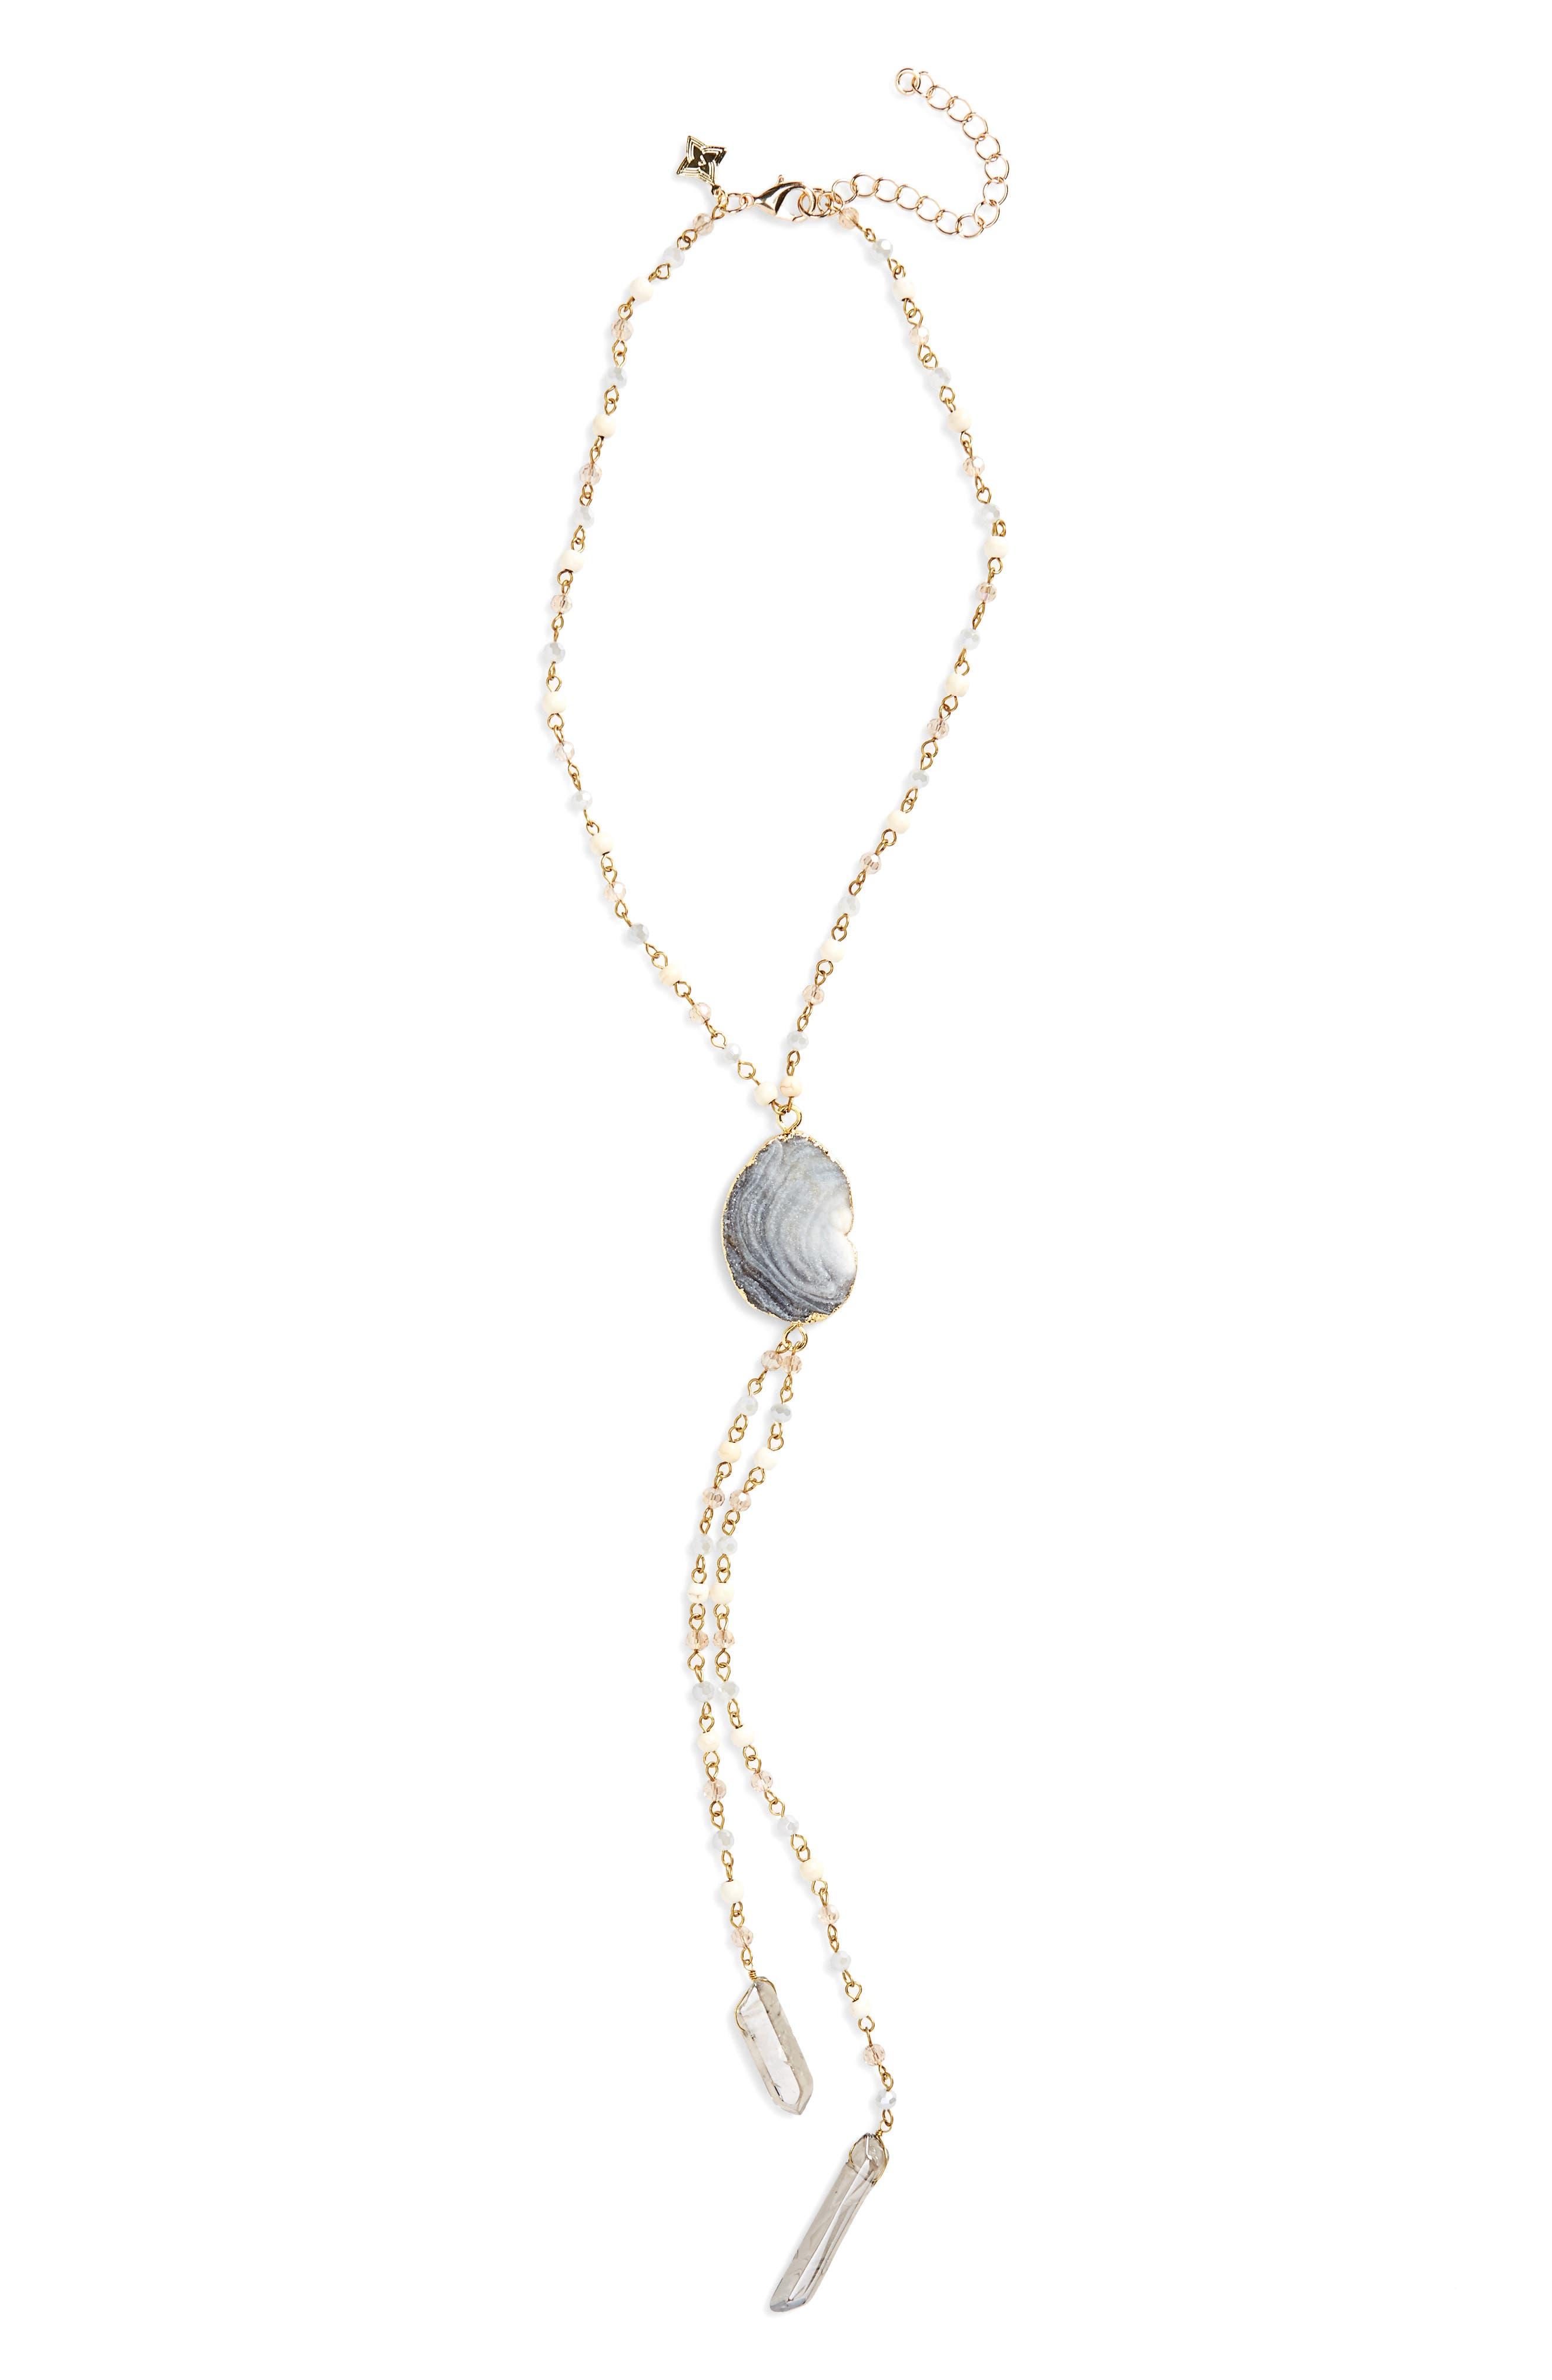 Main Image - Panacea Y Necklace